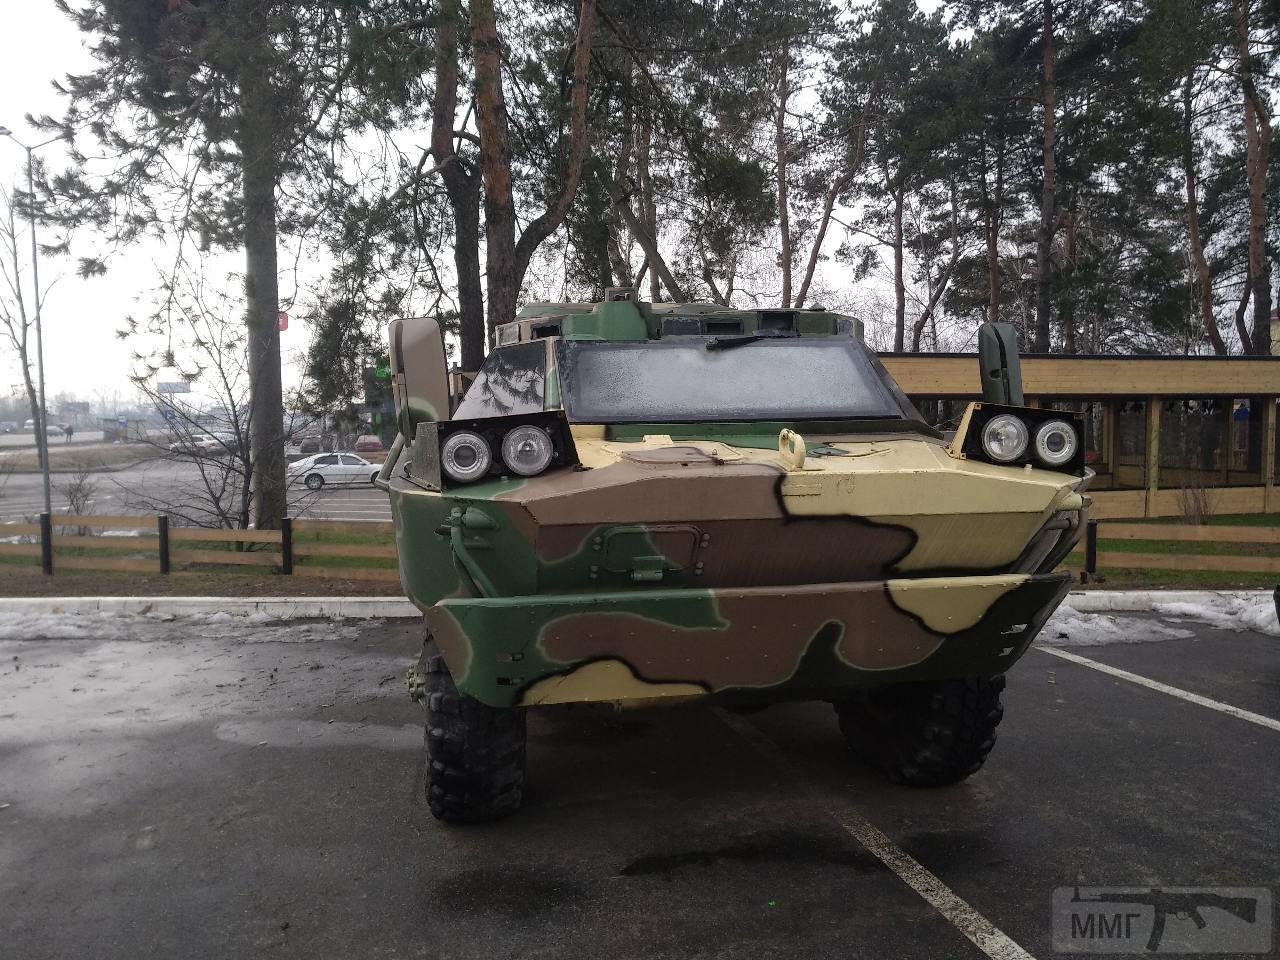 21678 - Современные бронетранспортеры (БТР)